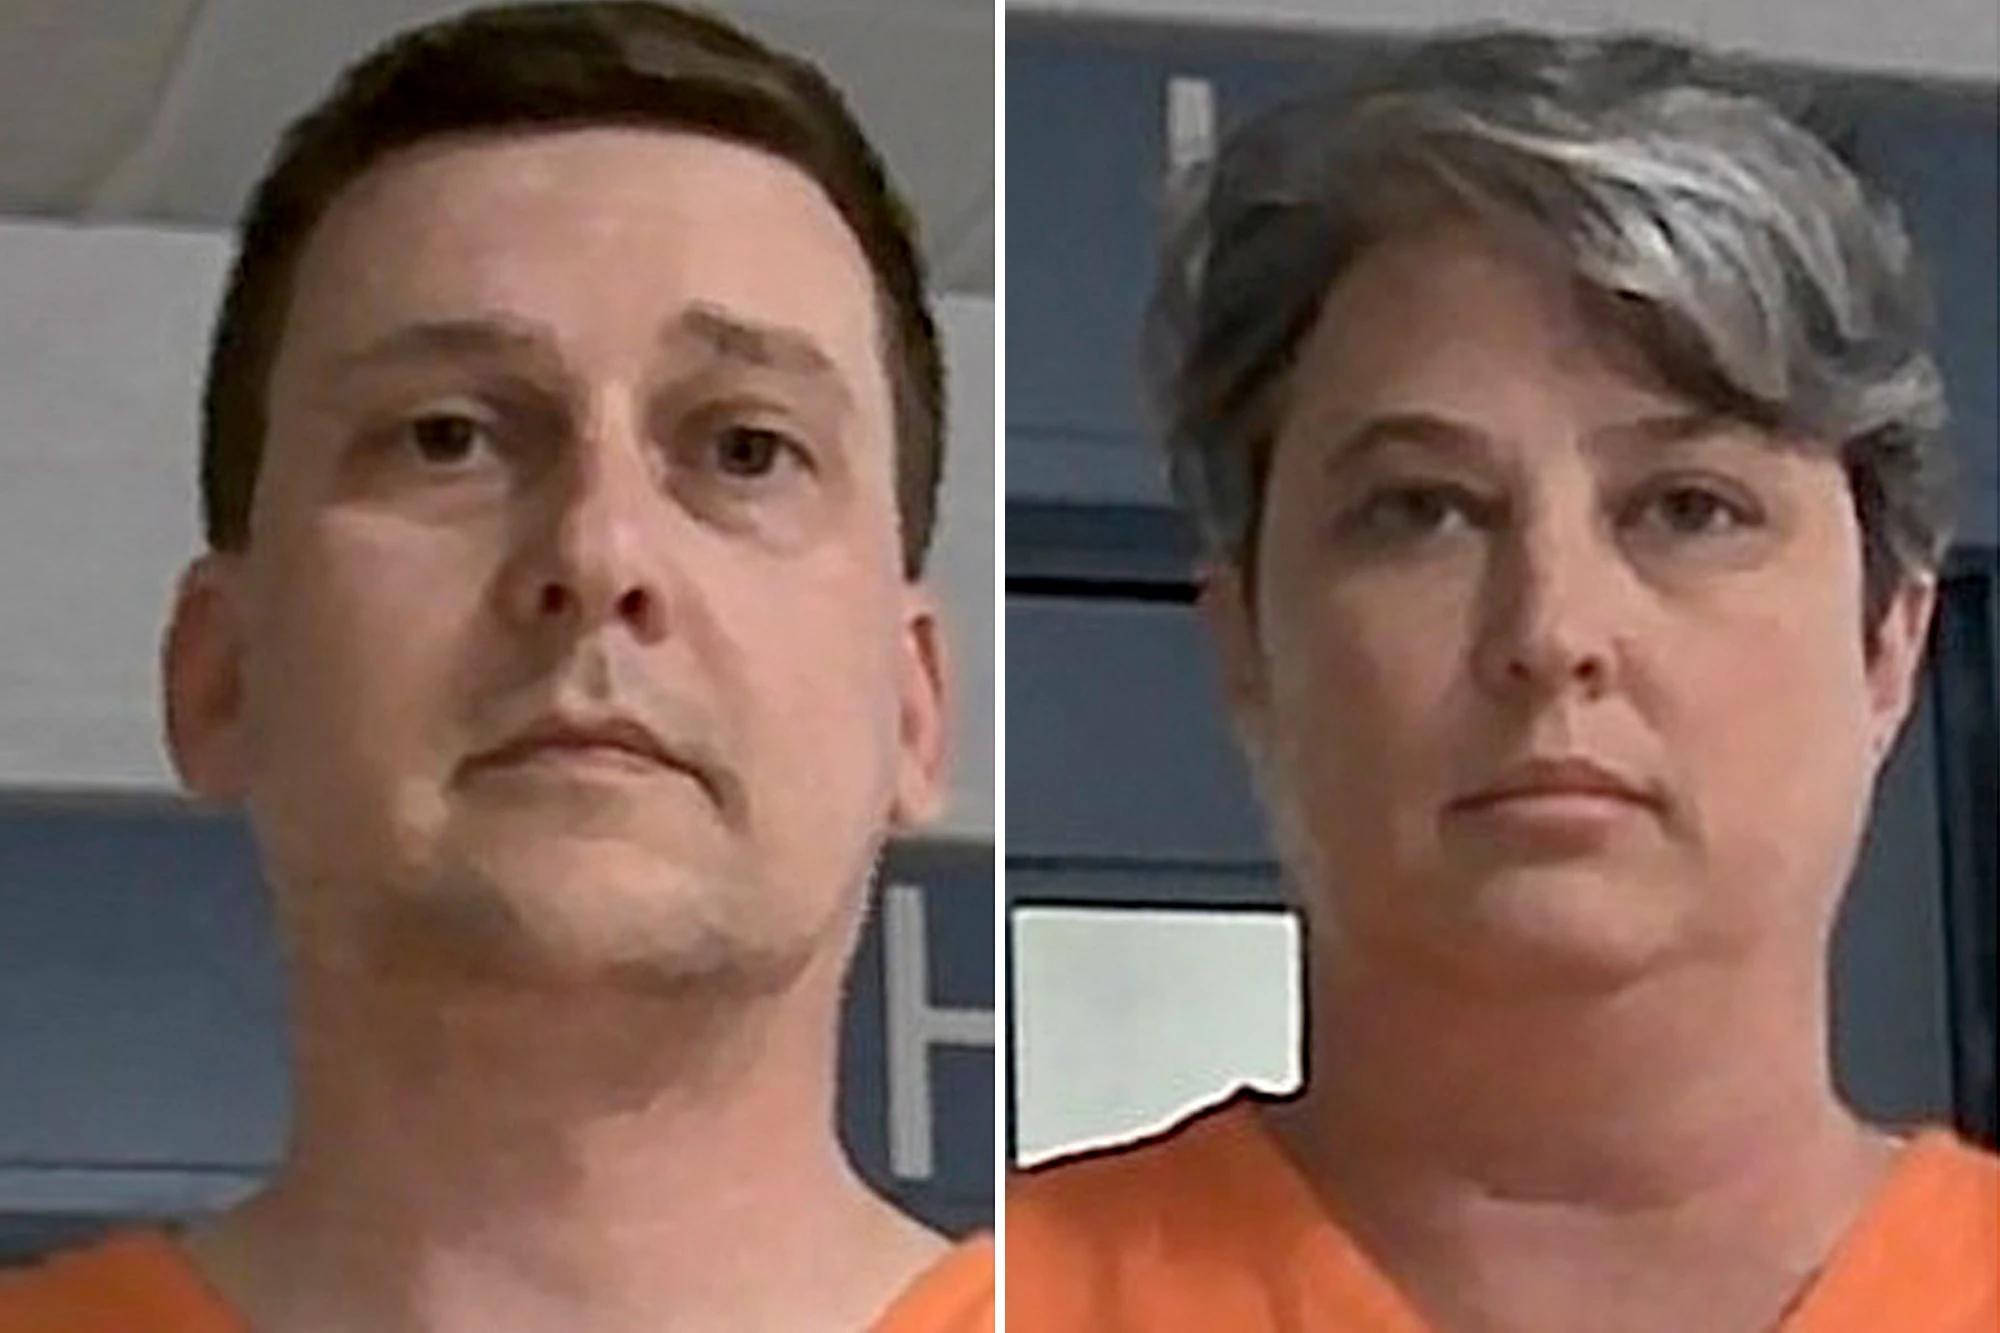 Jonathan Toebbe (trái) và vợ Diana Toebbe sau khi bị bắt. Ảnh: Cơ quan cải huấn Tây Virginia.